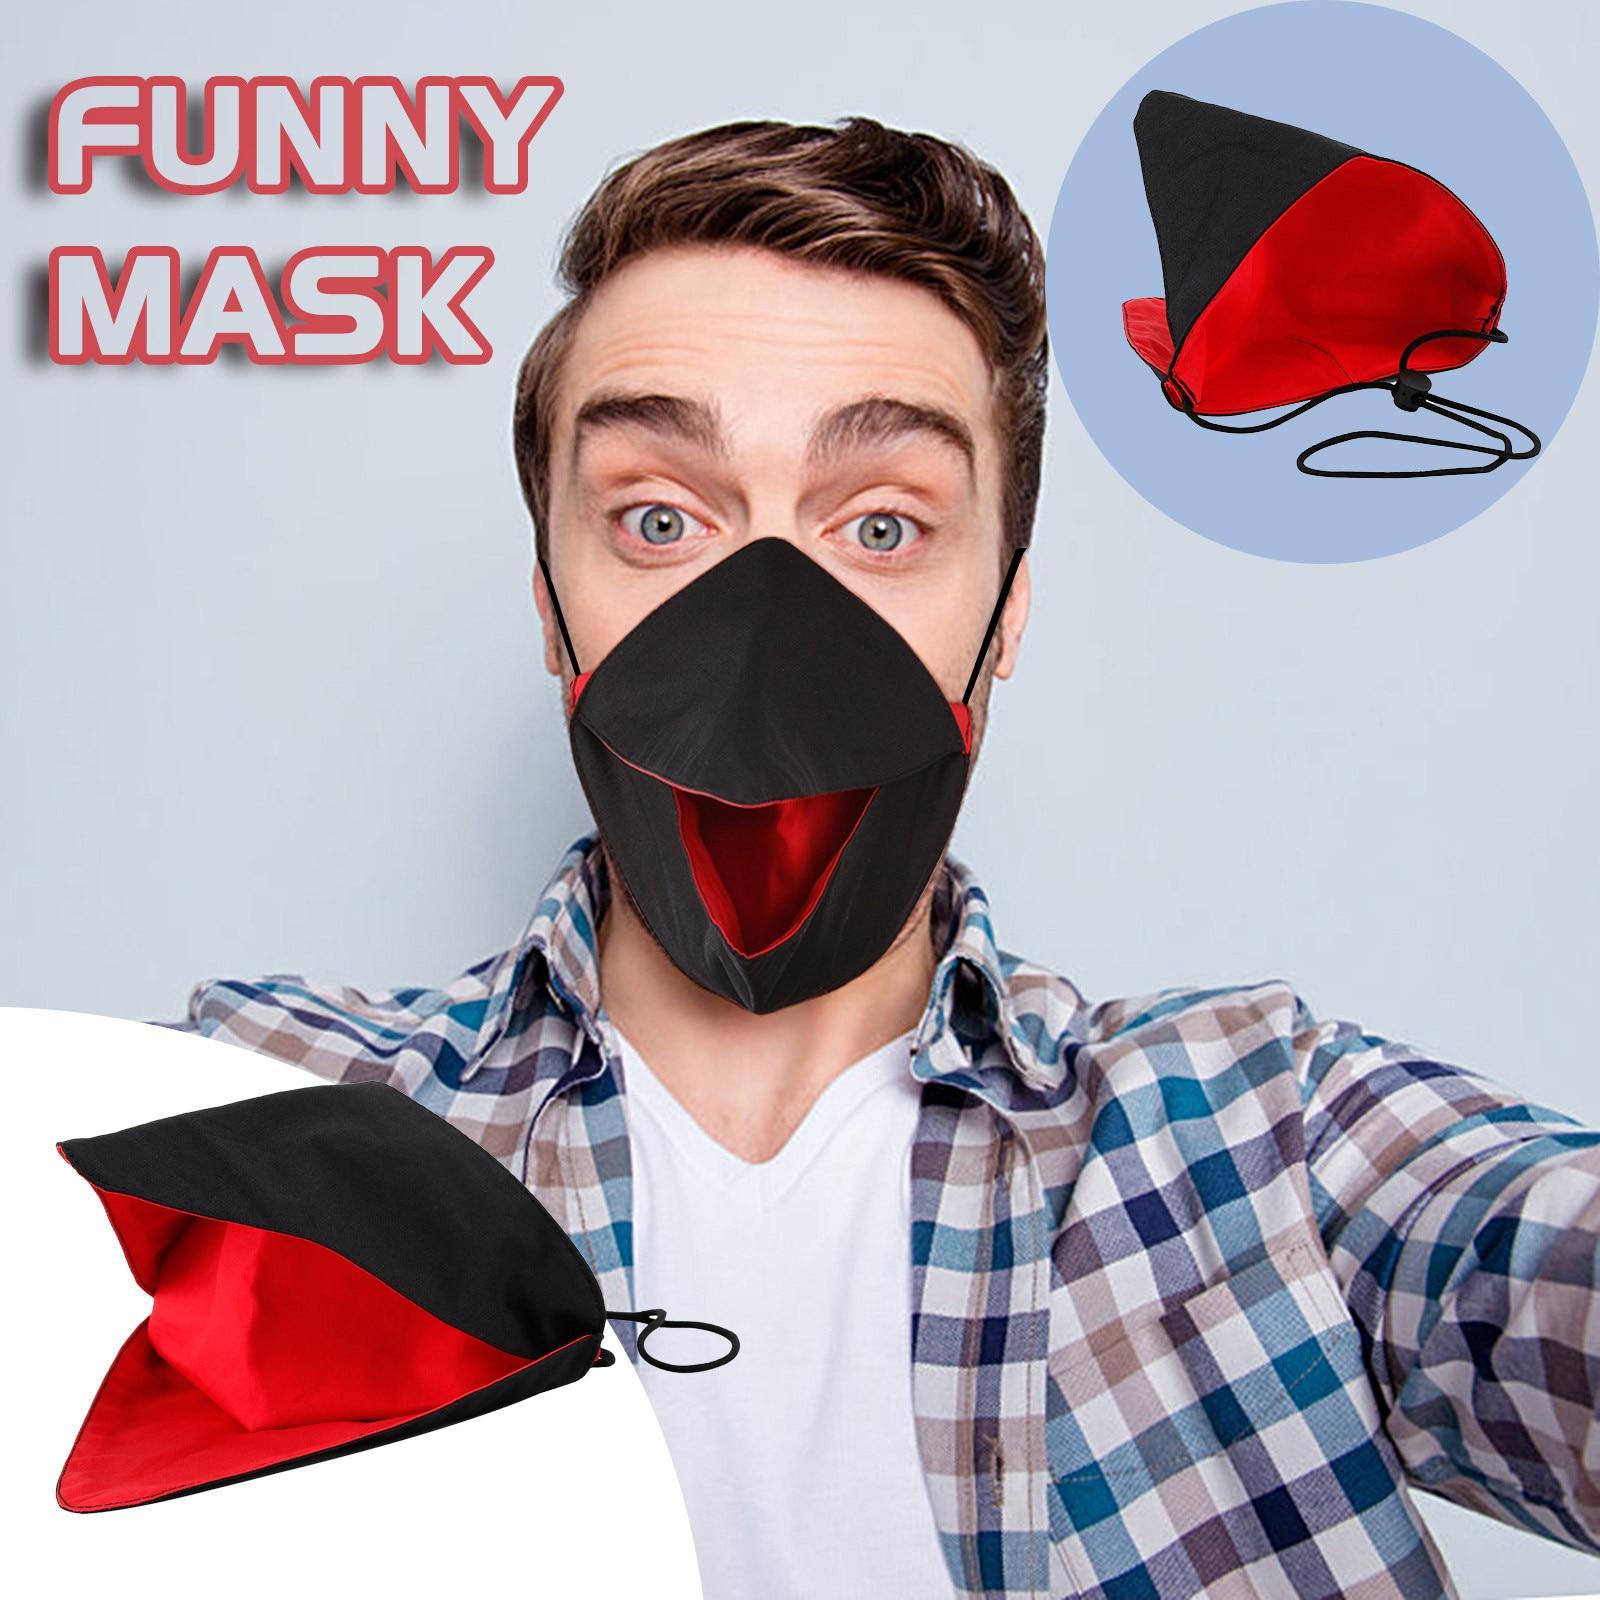 Adulto engraçado máscaras faciais criativo bico máscara earloops protetora rosto capa dustproof respirável máscaras de boca ajustável d7